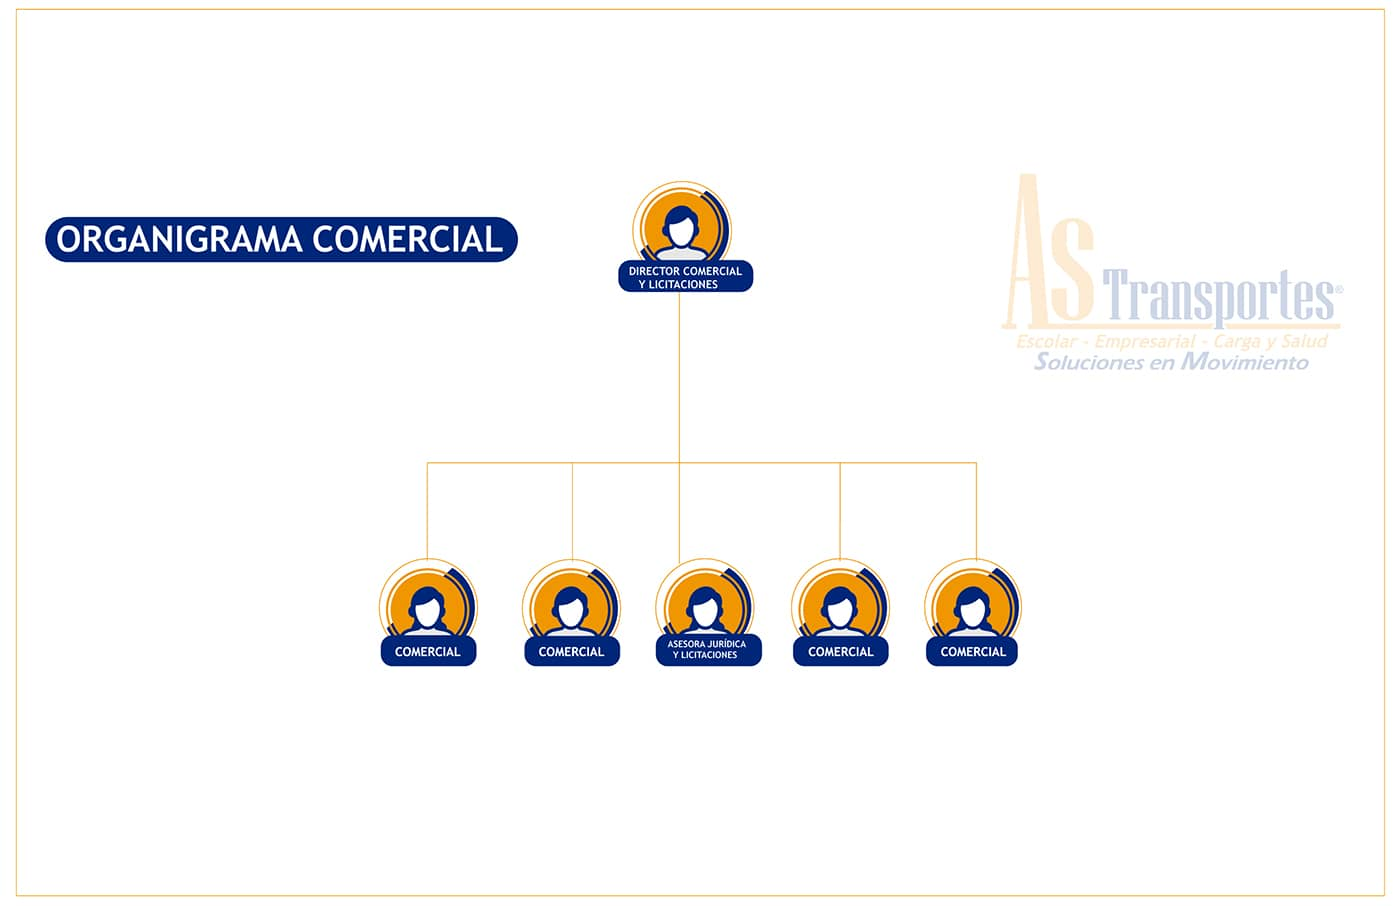 ORGANIGRAMA DE PAGINA WEB COMERCIAL